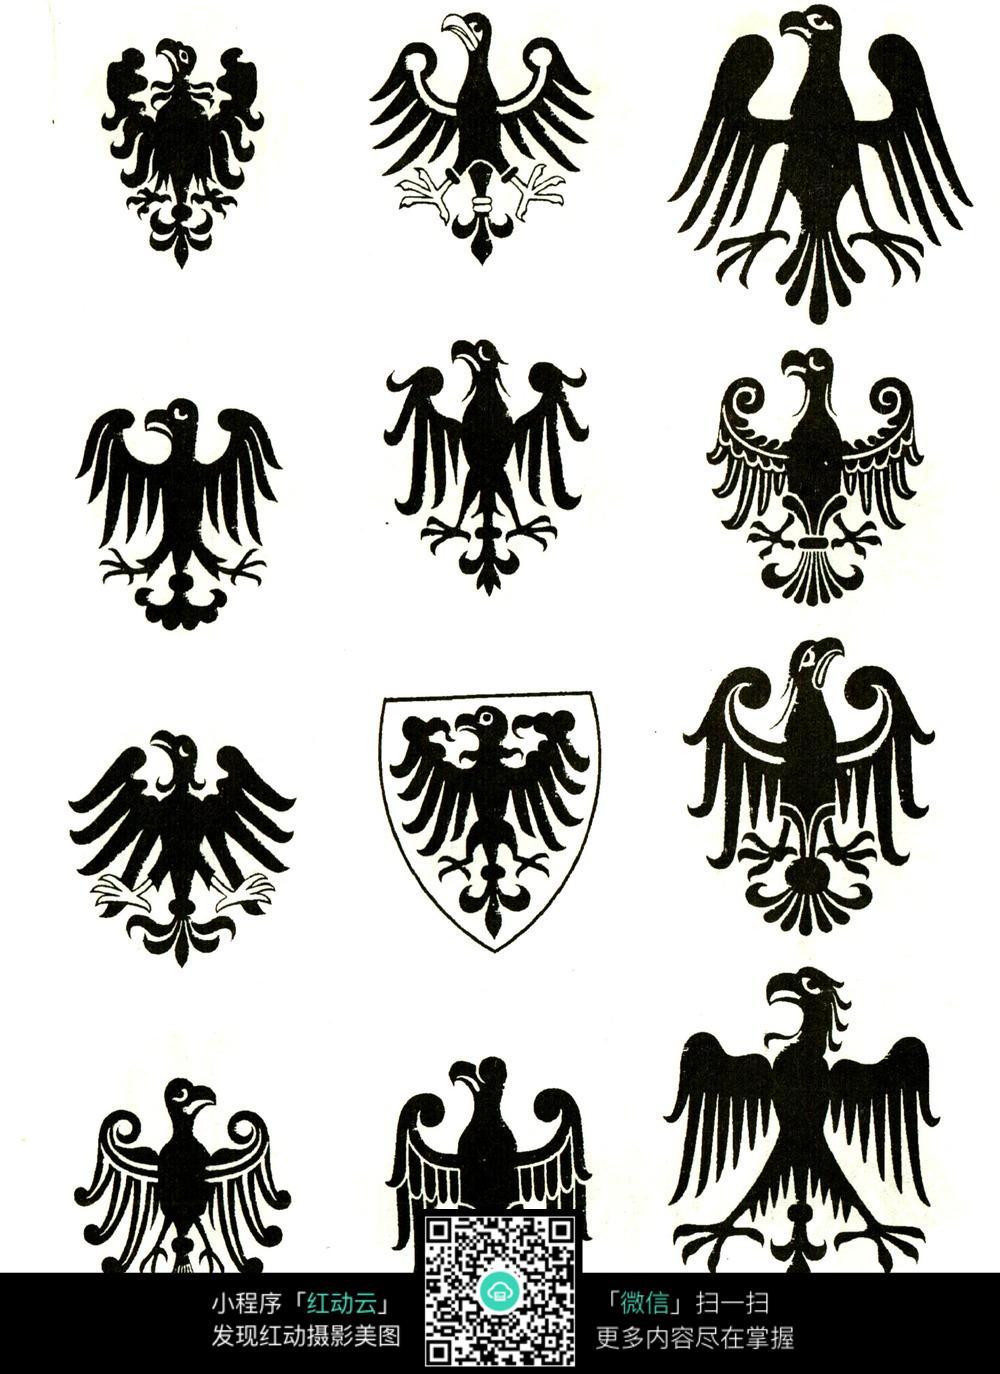 黑白老鹰盾牌图案